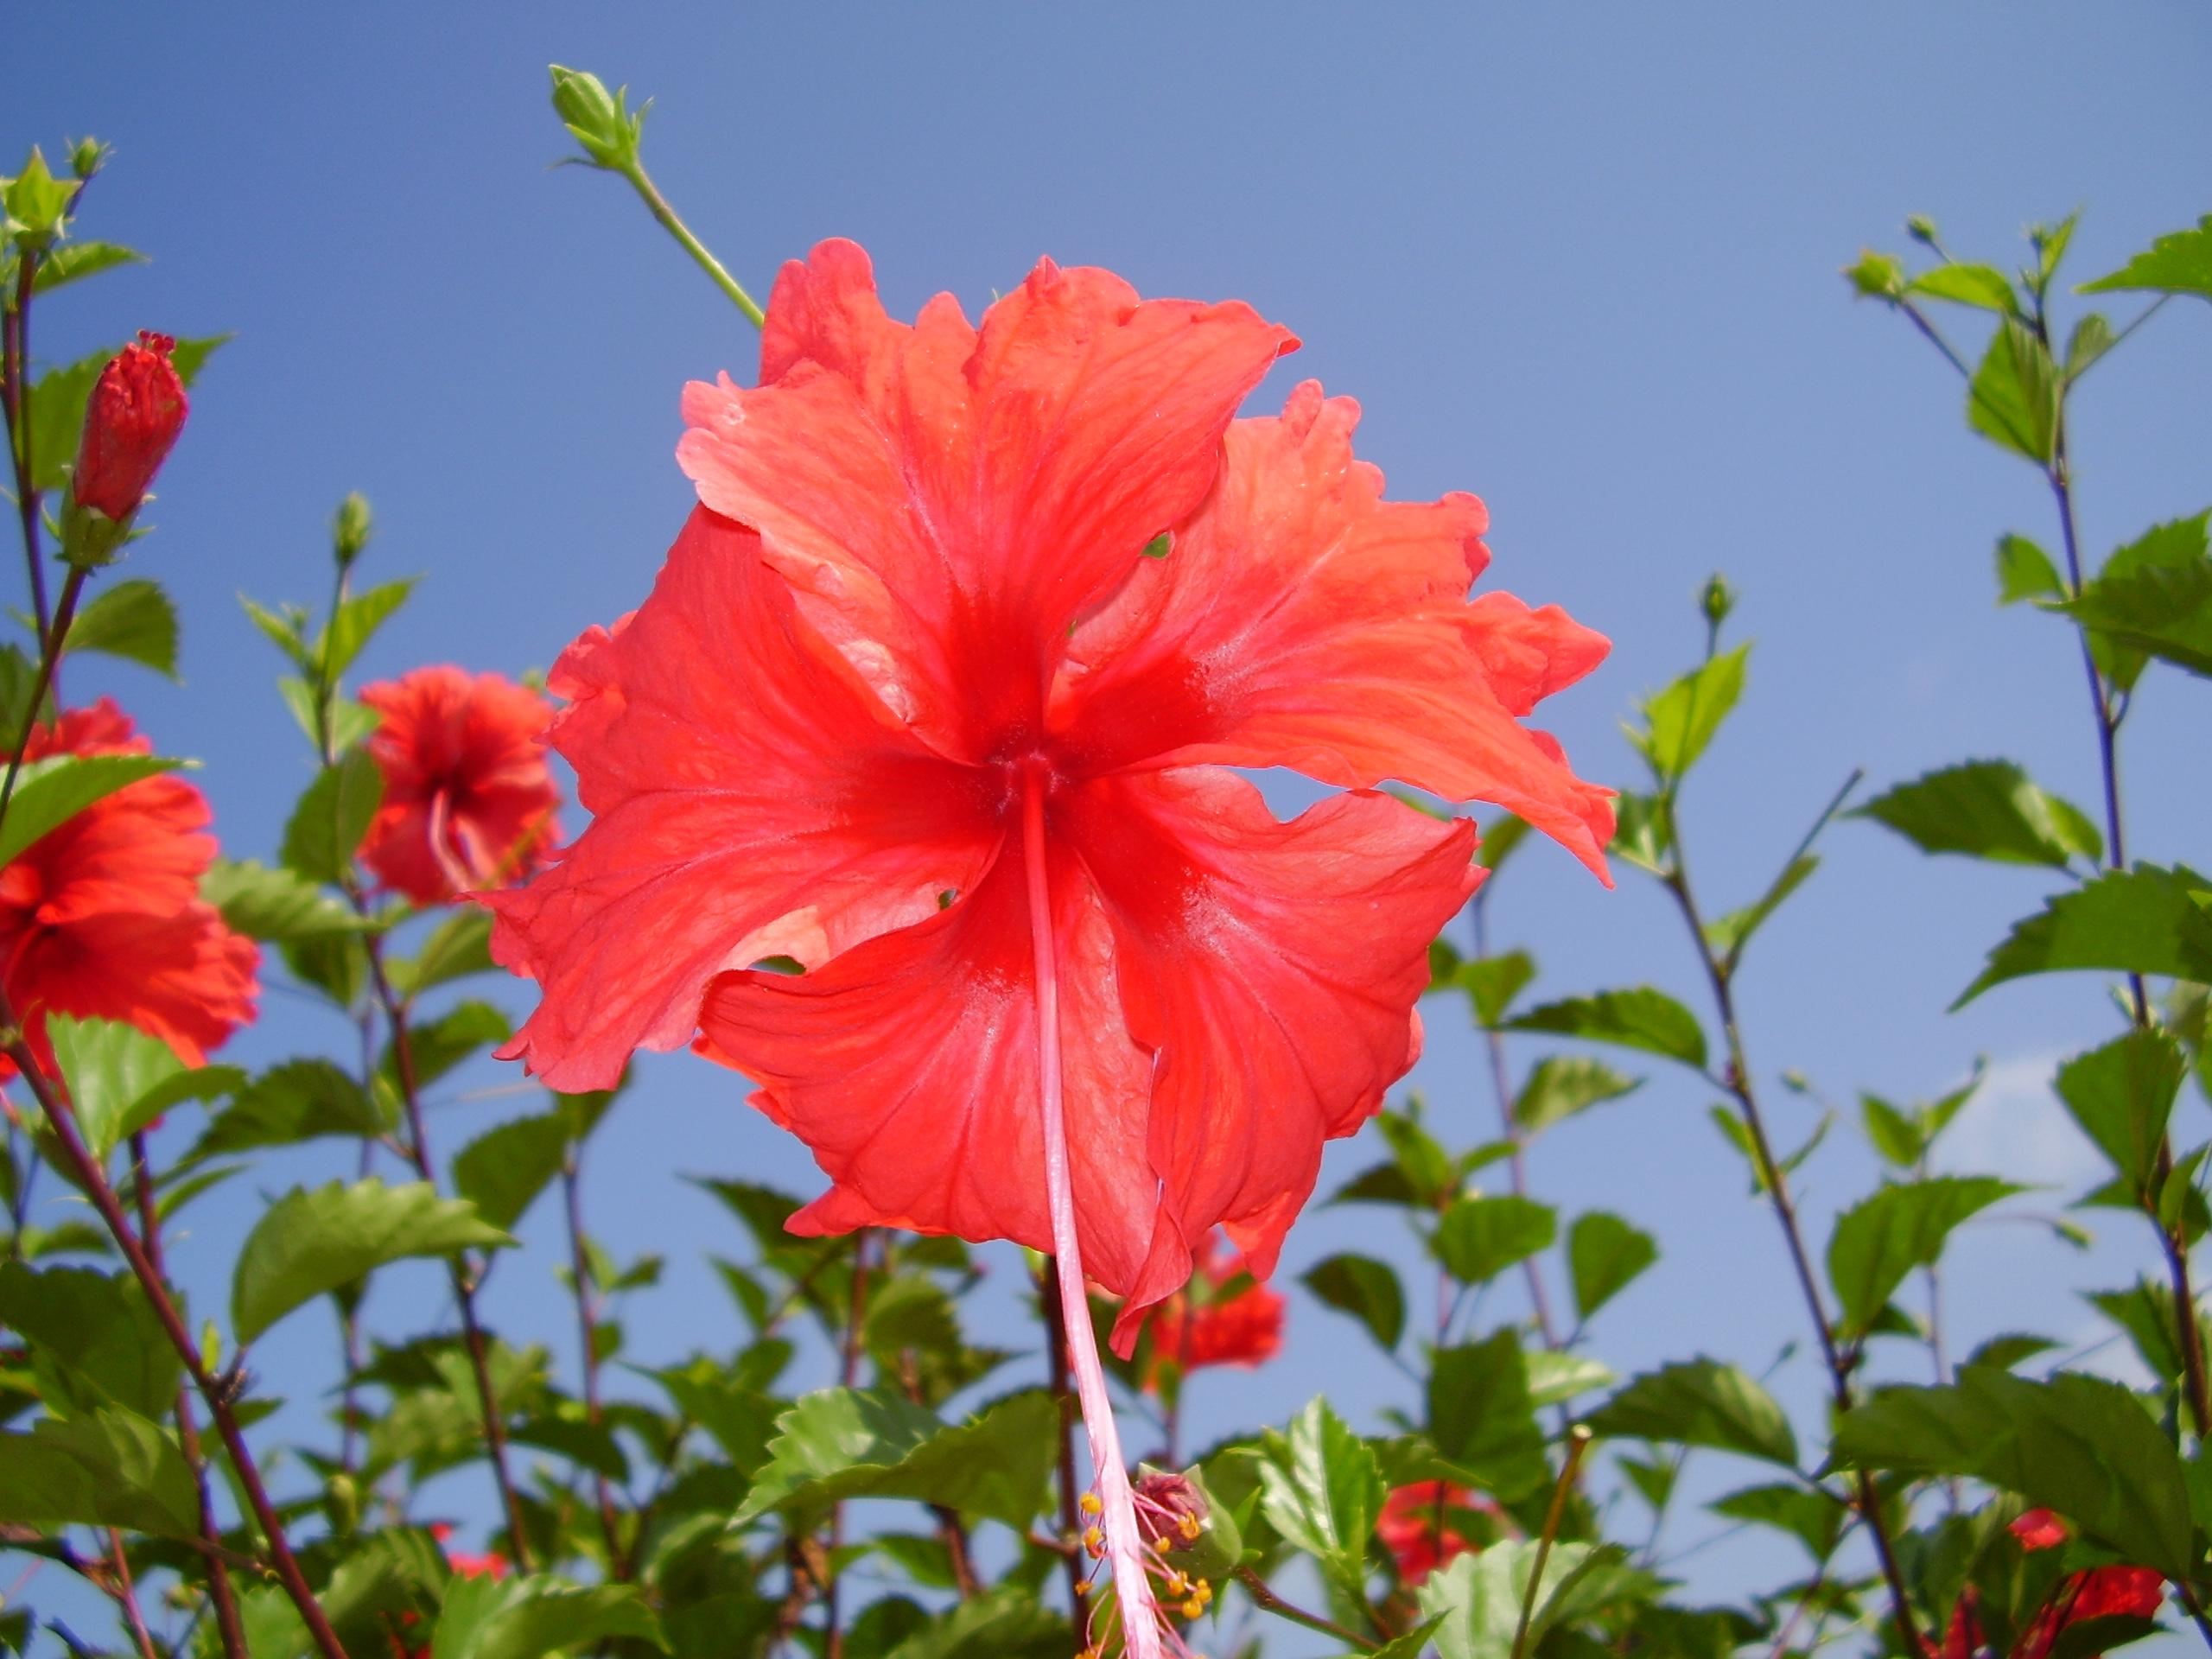 Hibiscus flowers uk images flower wallpaper hd izmirmasajfo